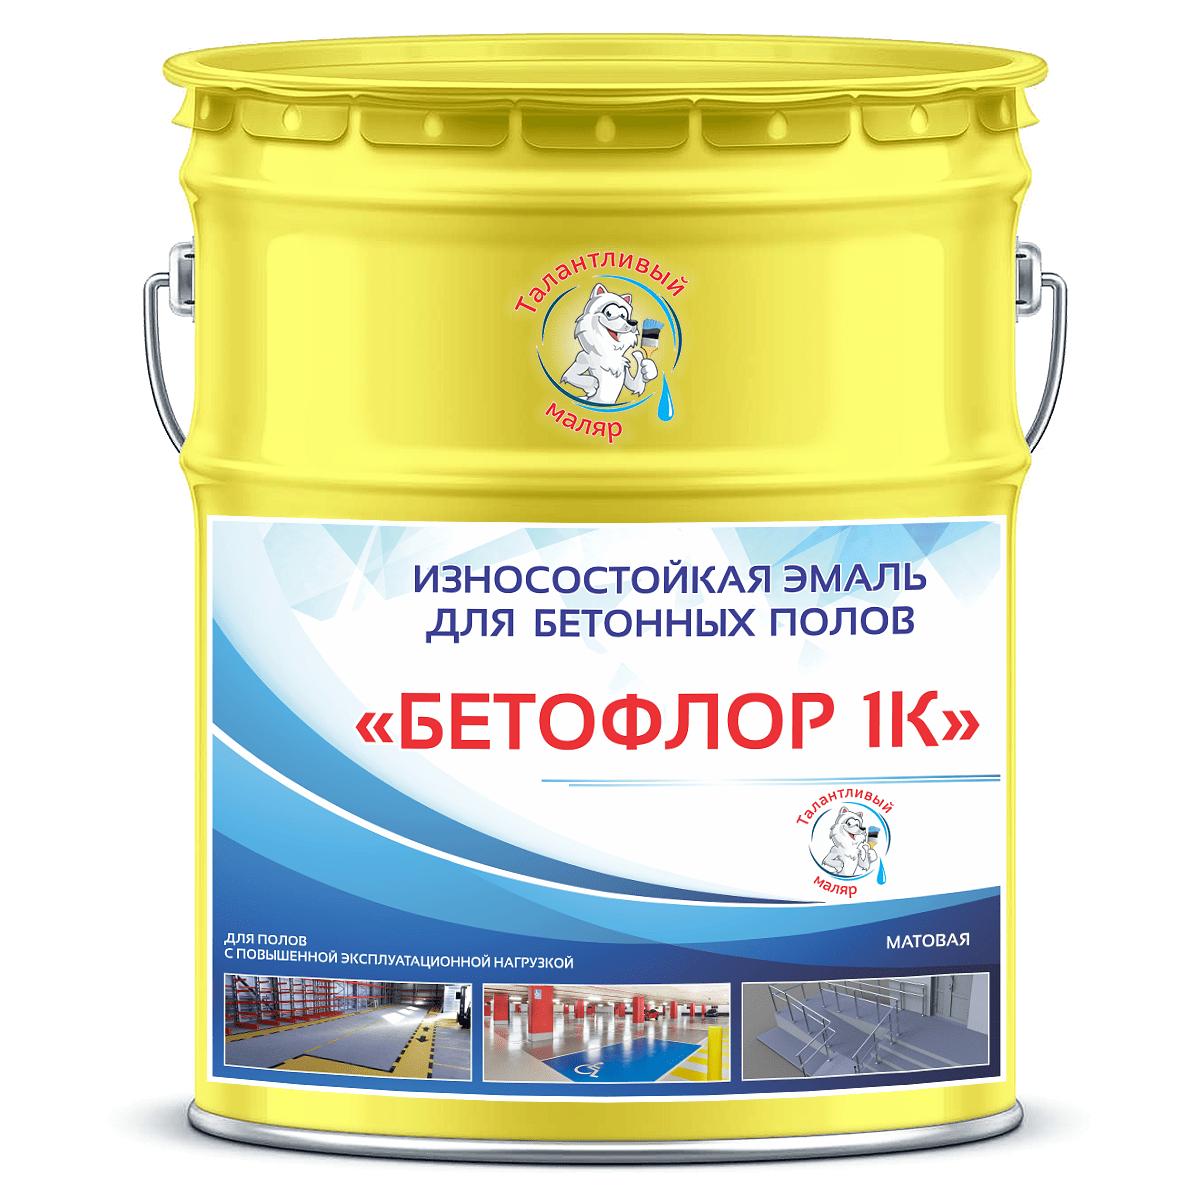 """Фото 14 - BF1016 Эмаль для бетонных полов """"Бетофлор"""" 1К цвет RAL 1016 Жёлтая сера, матовая износостойкая, 25 кг """"Талантливый Маляр""""."""